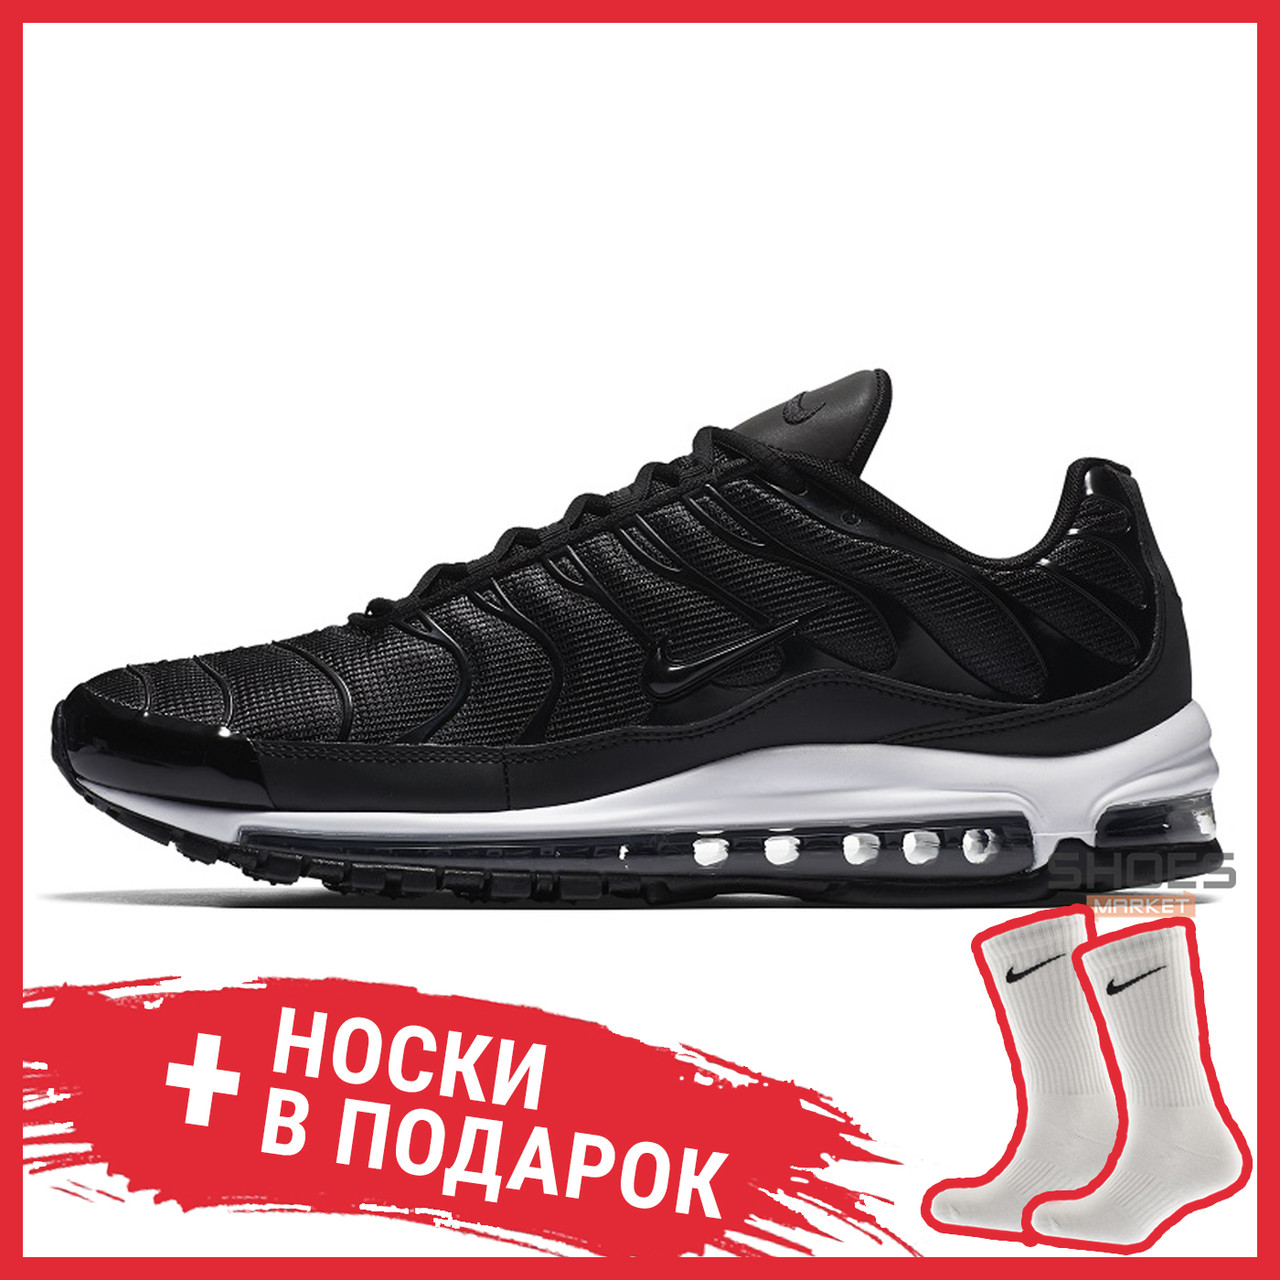 Чоловічі кросівки Nike Air Max Plus 97 Black White AH8144-001, Найк Аір Макс Плюс 97